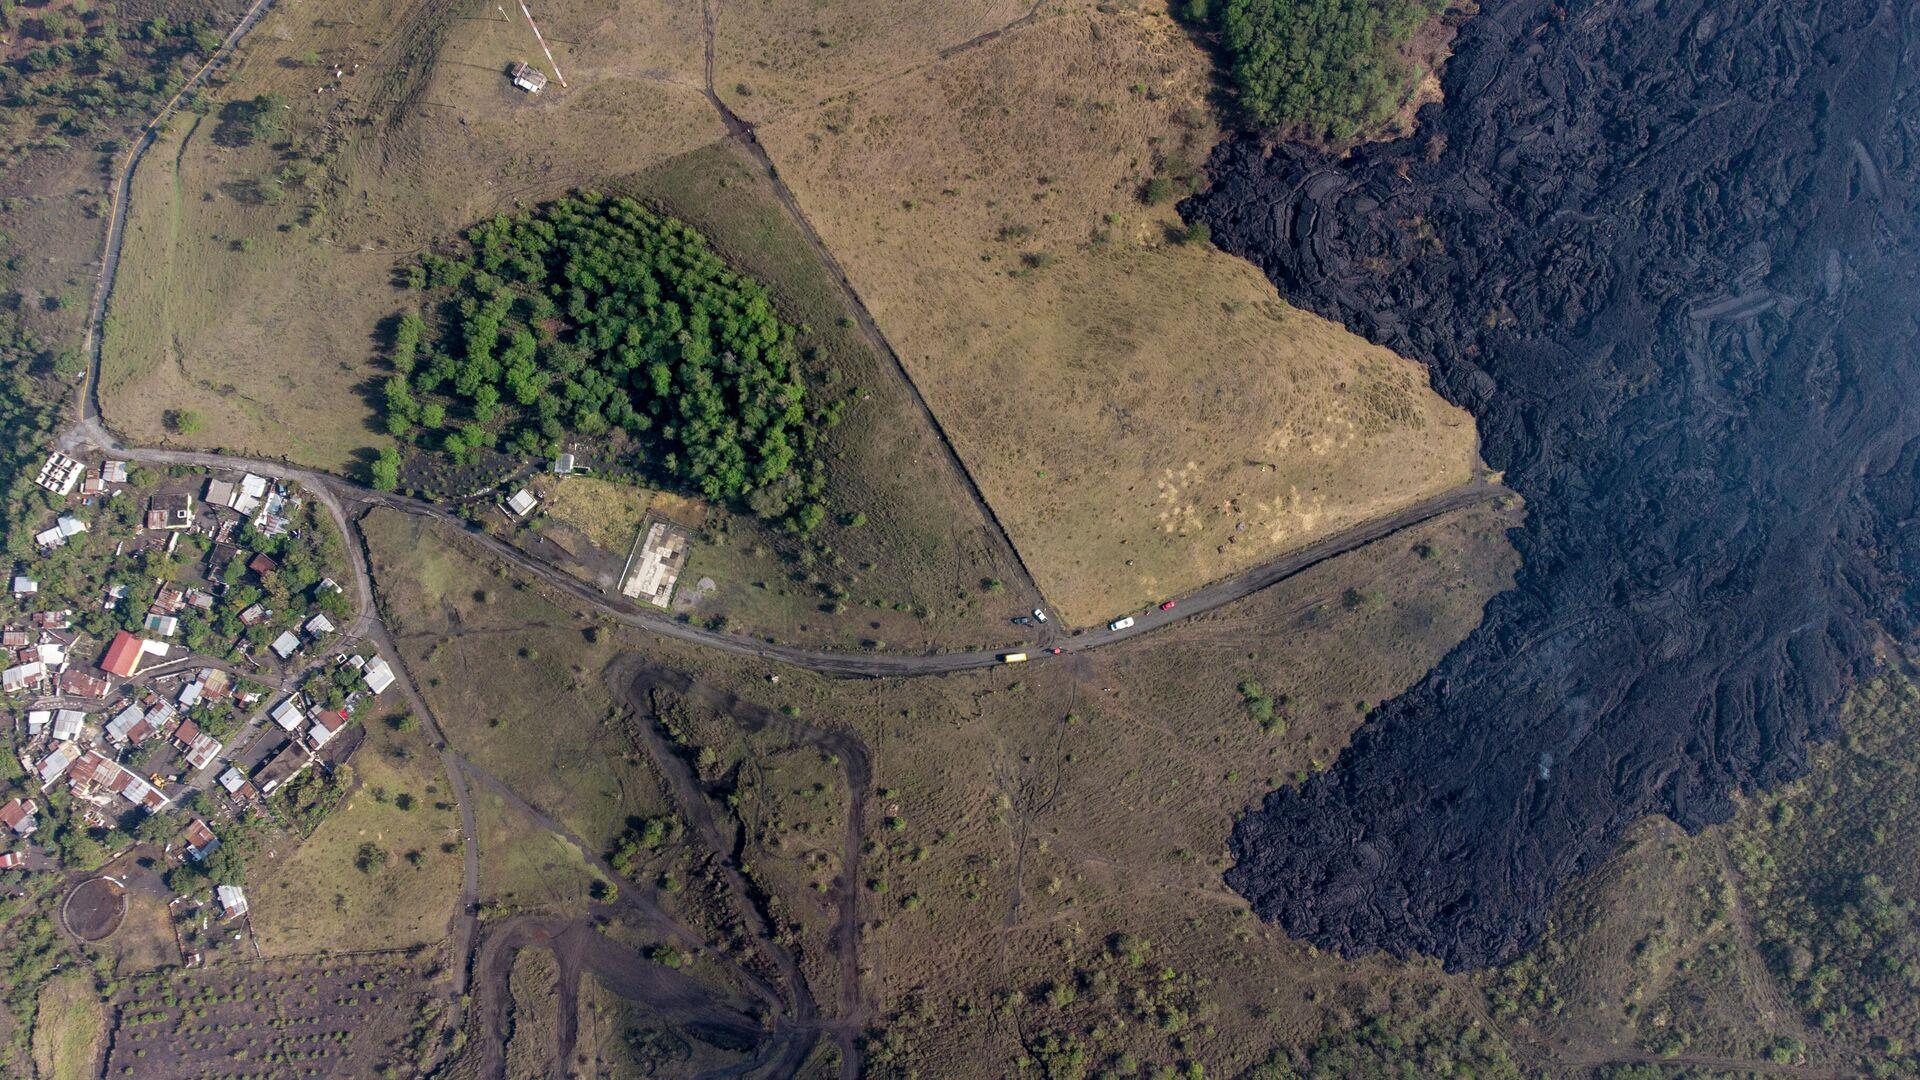 Lava del volcán Pacaya cerca del pueblo El Patrocinio, en Guatemala, abril 2021 - Sputnik Mundo, 1920, 19.04.2021